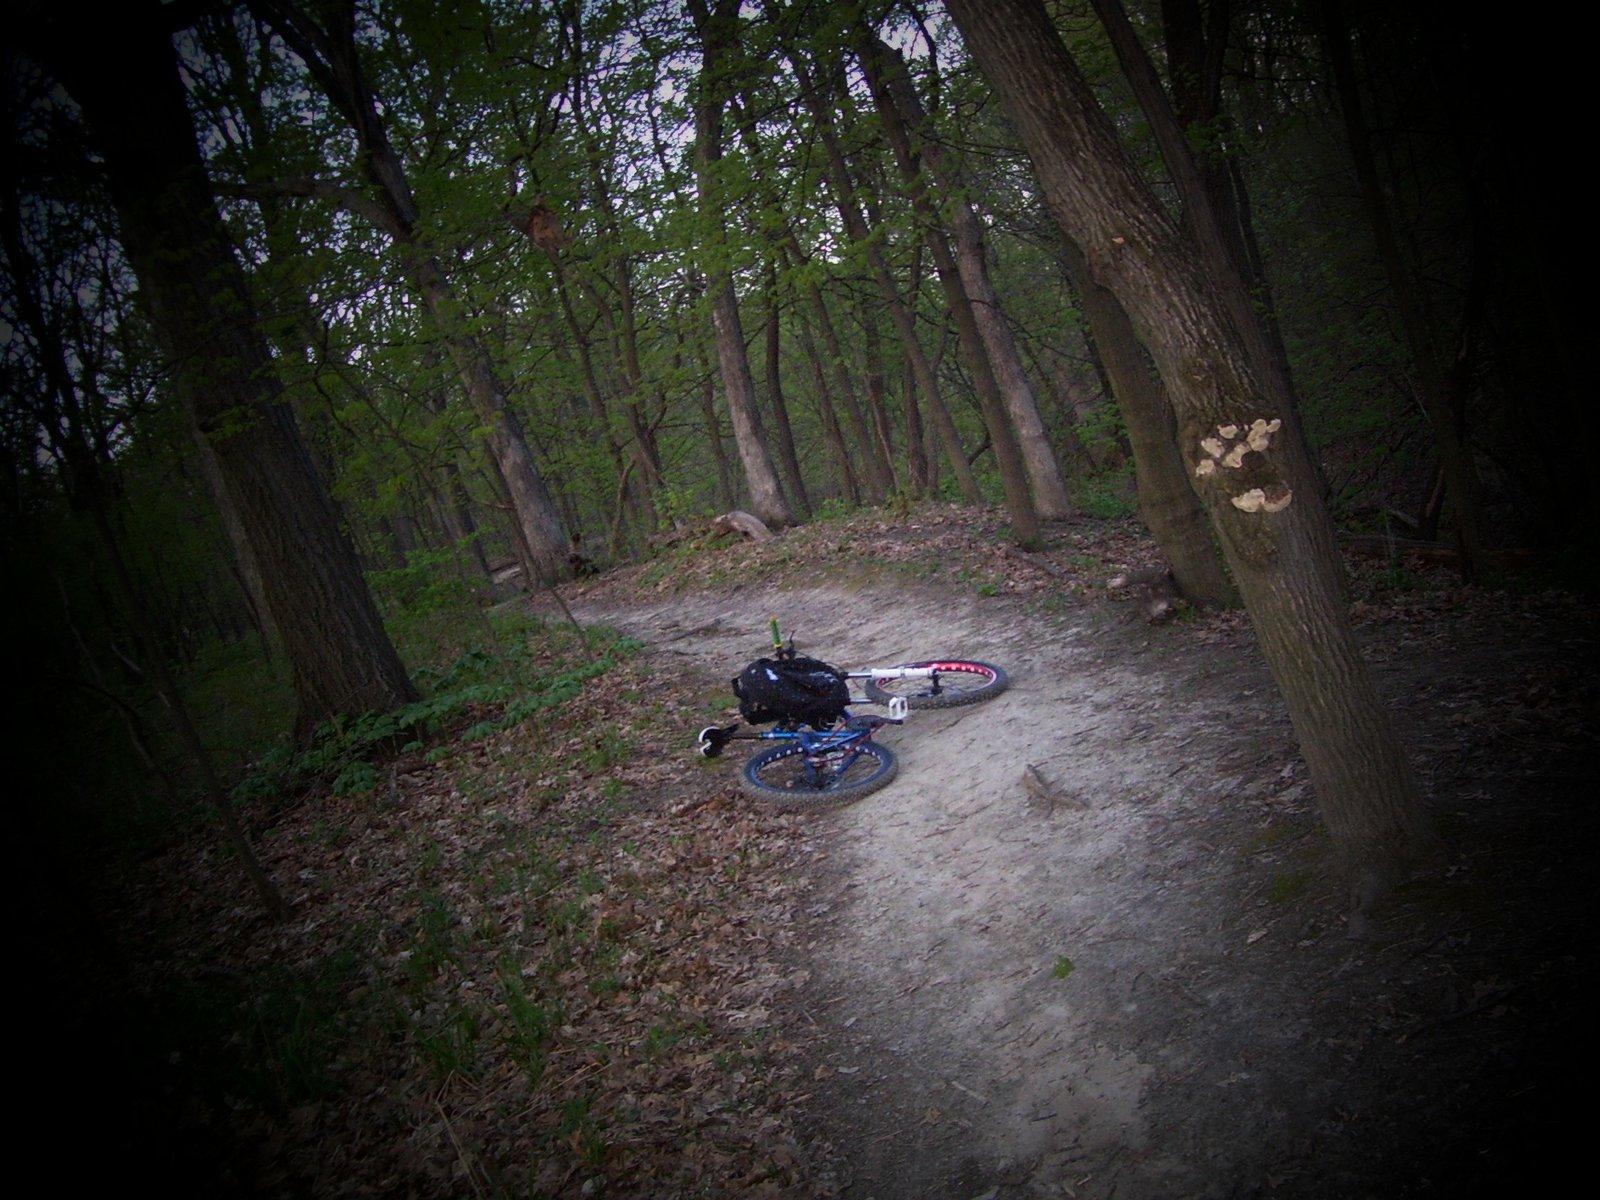 Pretty scenic trails alot of fun